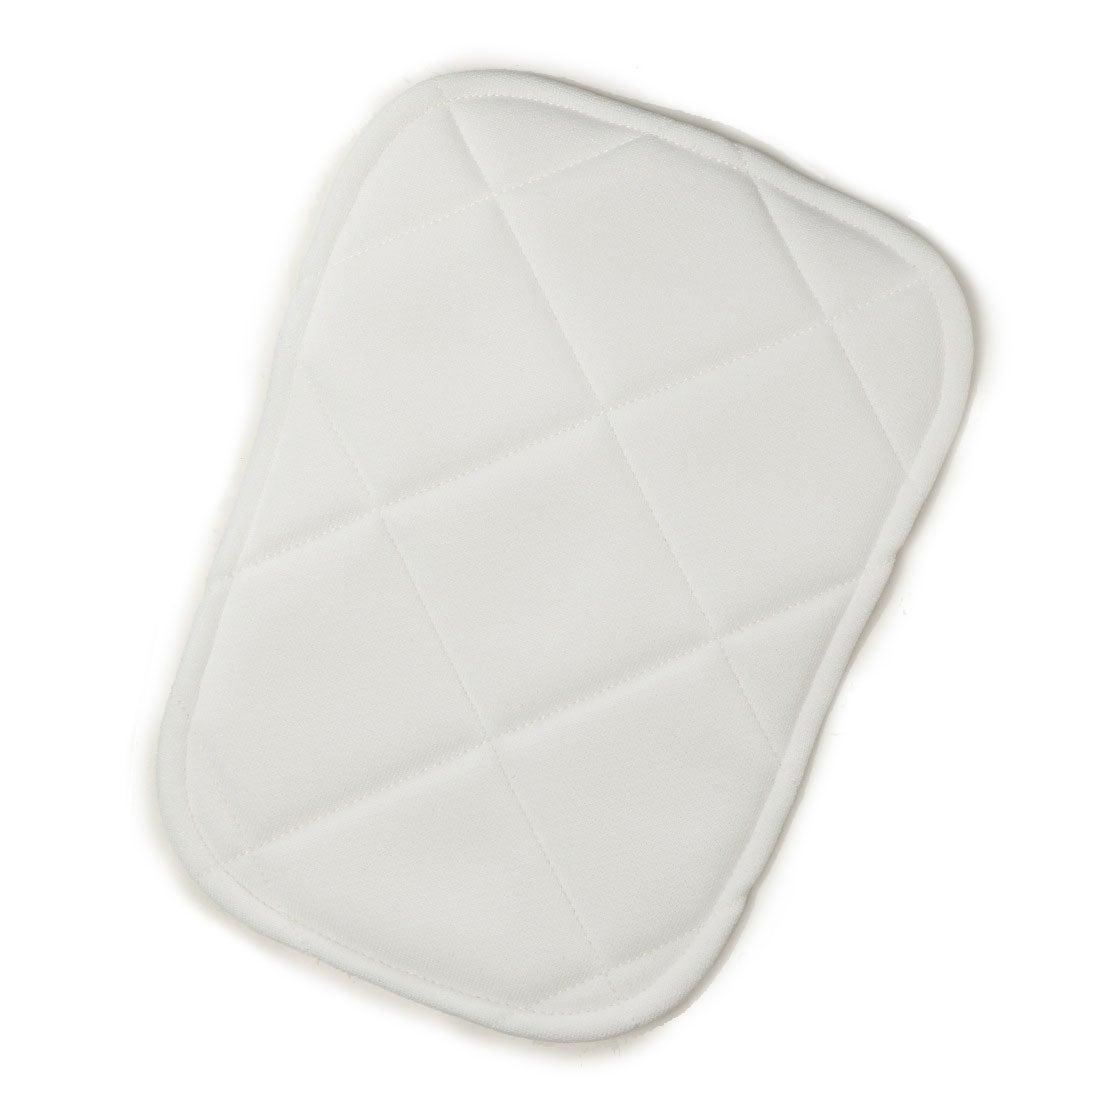 ミズノ MIZUNO ジュニア 野球 パッド ジュニア用ニーパット(縫着) 52ZB00250